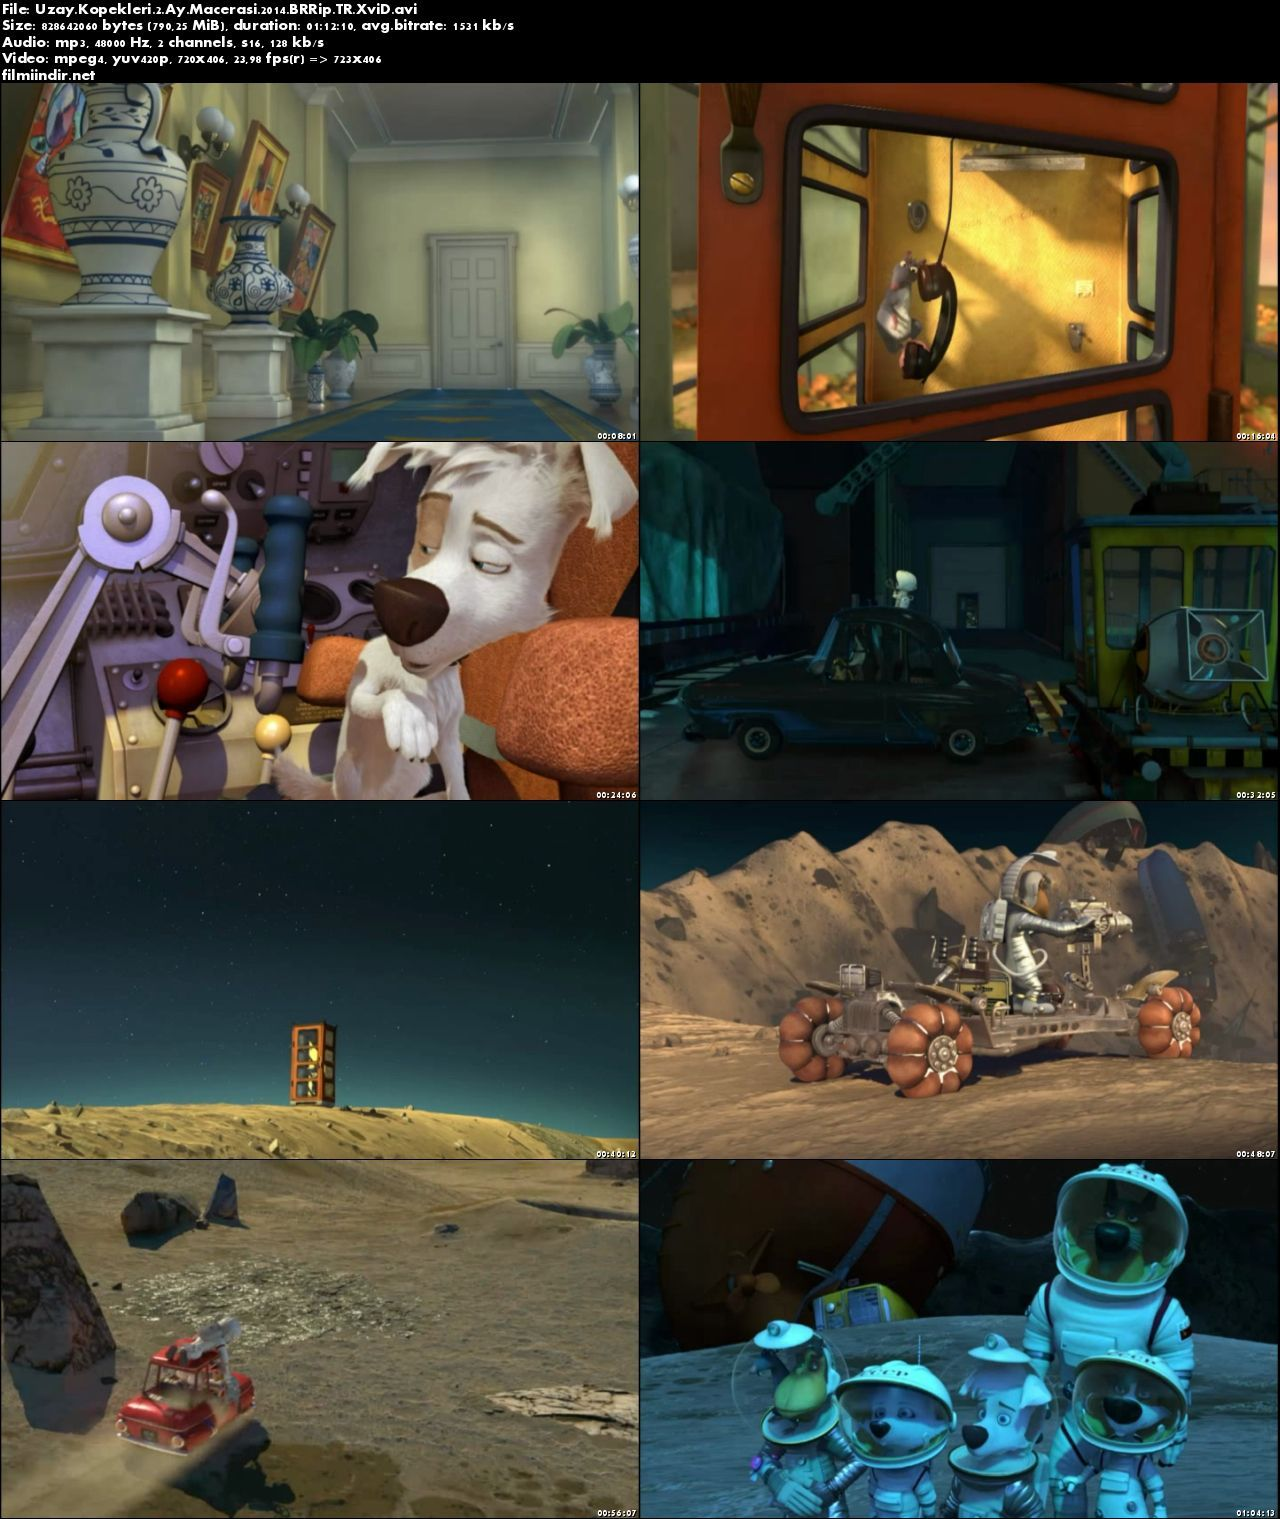 Uzay Köpekleri 2: Ay Macerası (2014) türkçe dublaj film indir